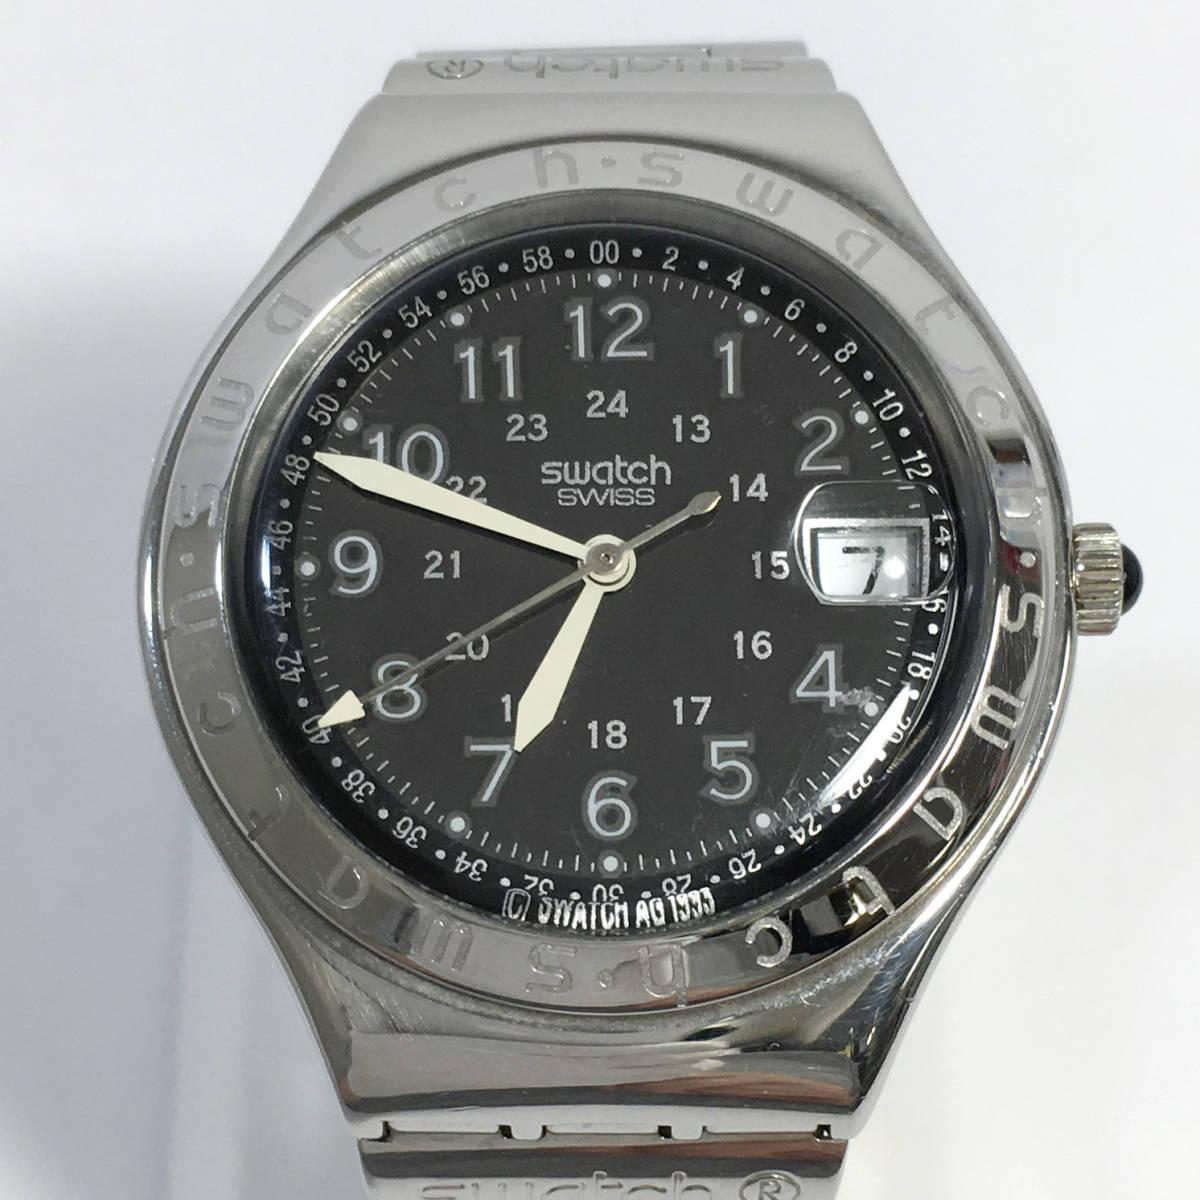 スウォッチ 腕時計 アイロニー AG1993 クォーツ デイト シルバー×ブラック Swatch Irony 電池交換済 稼働品_画像2